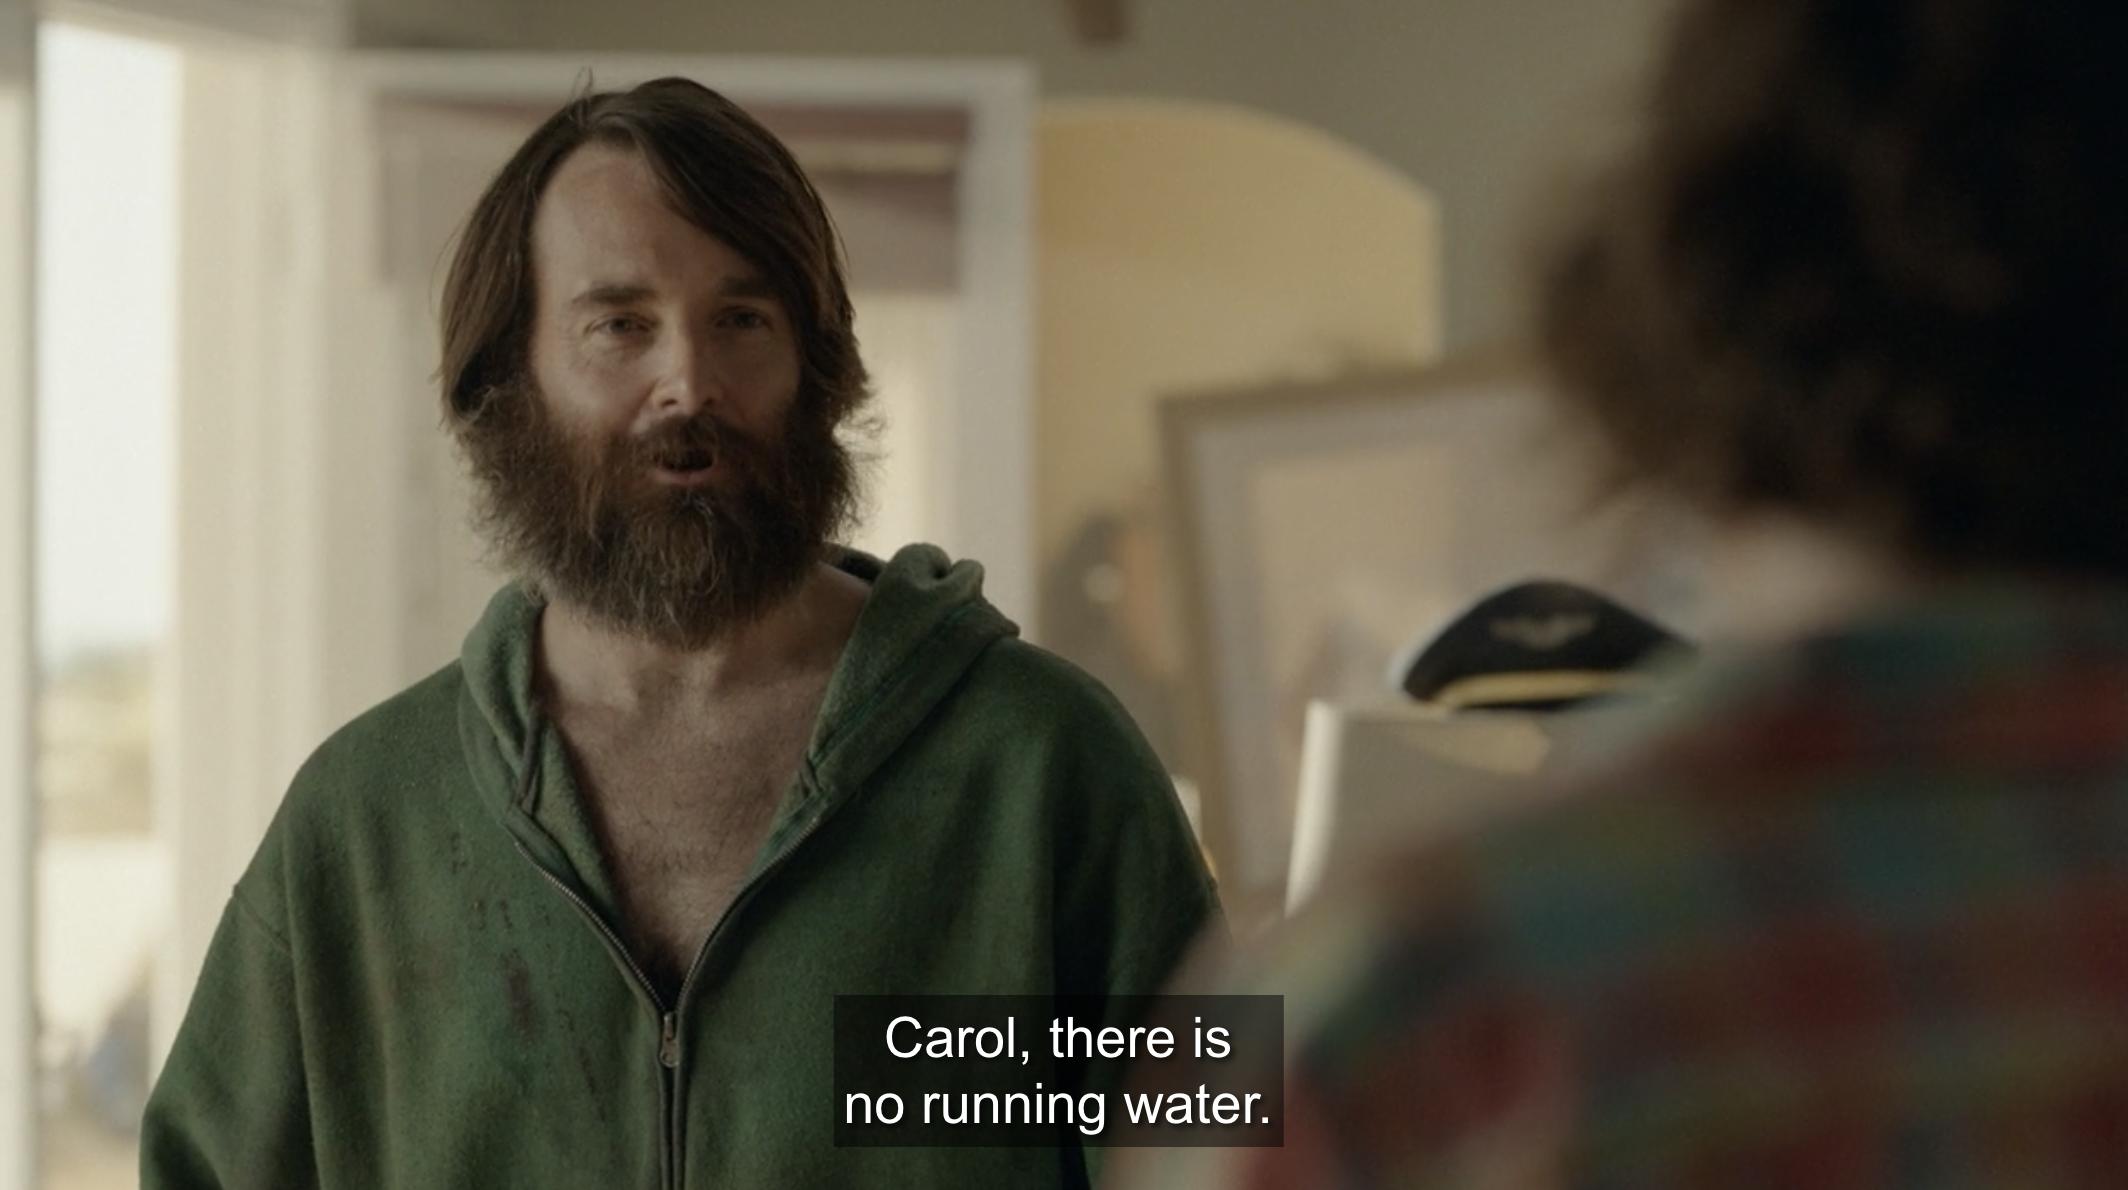 Phil speaking to Carol